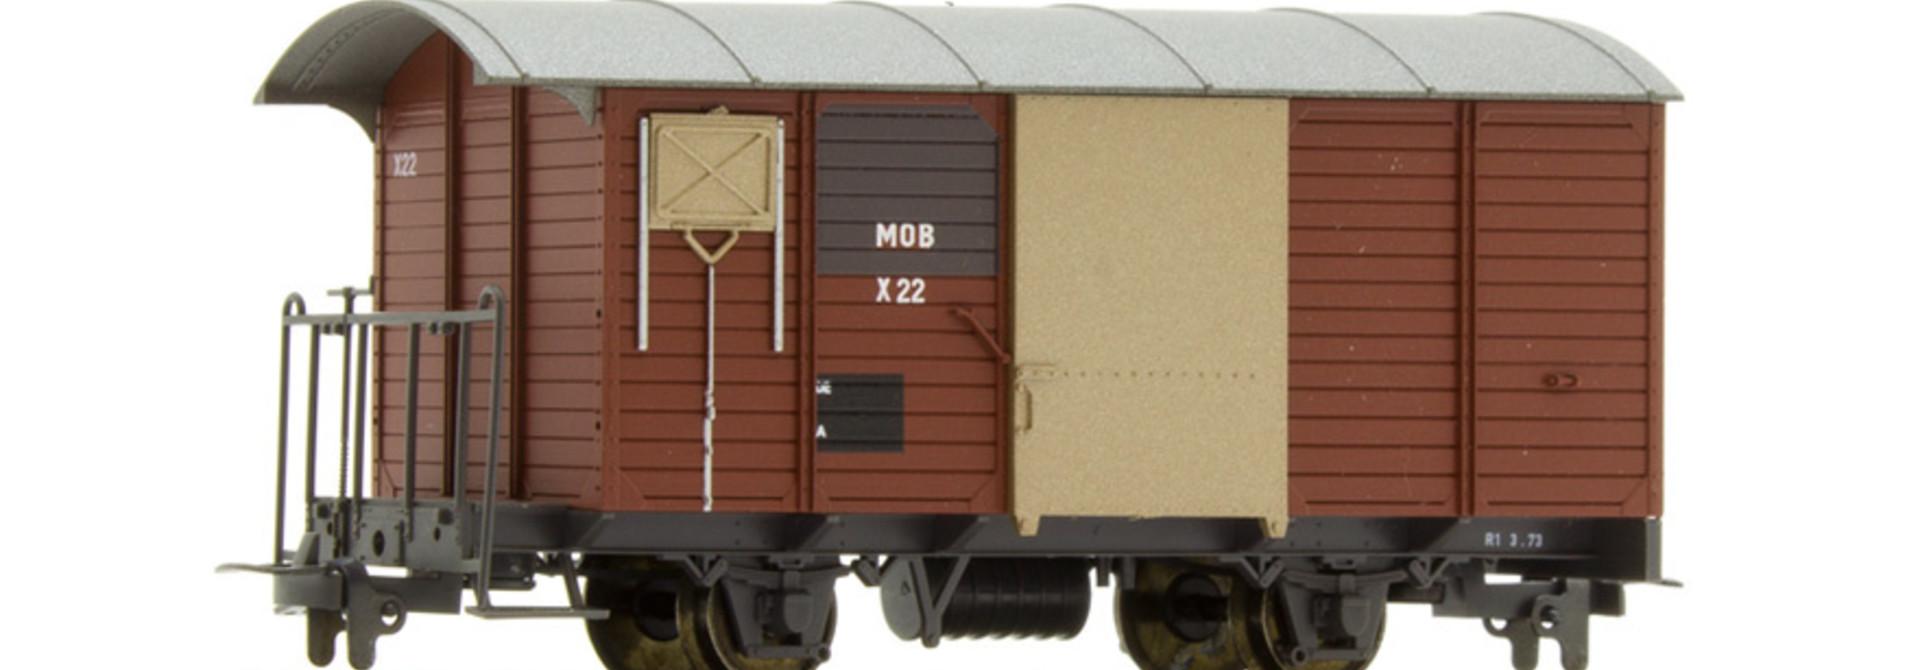 2273392 MOB X 22 Bahndienstwagen